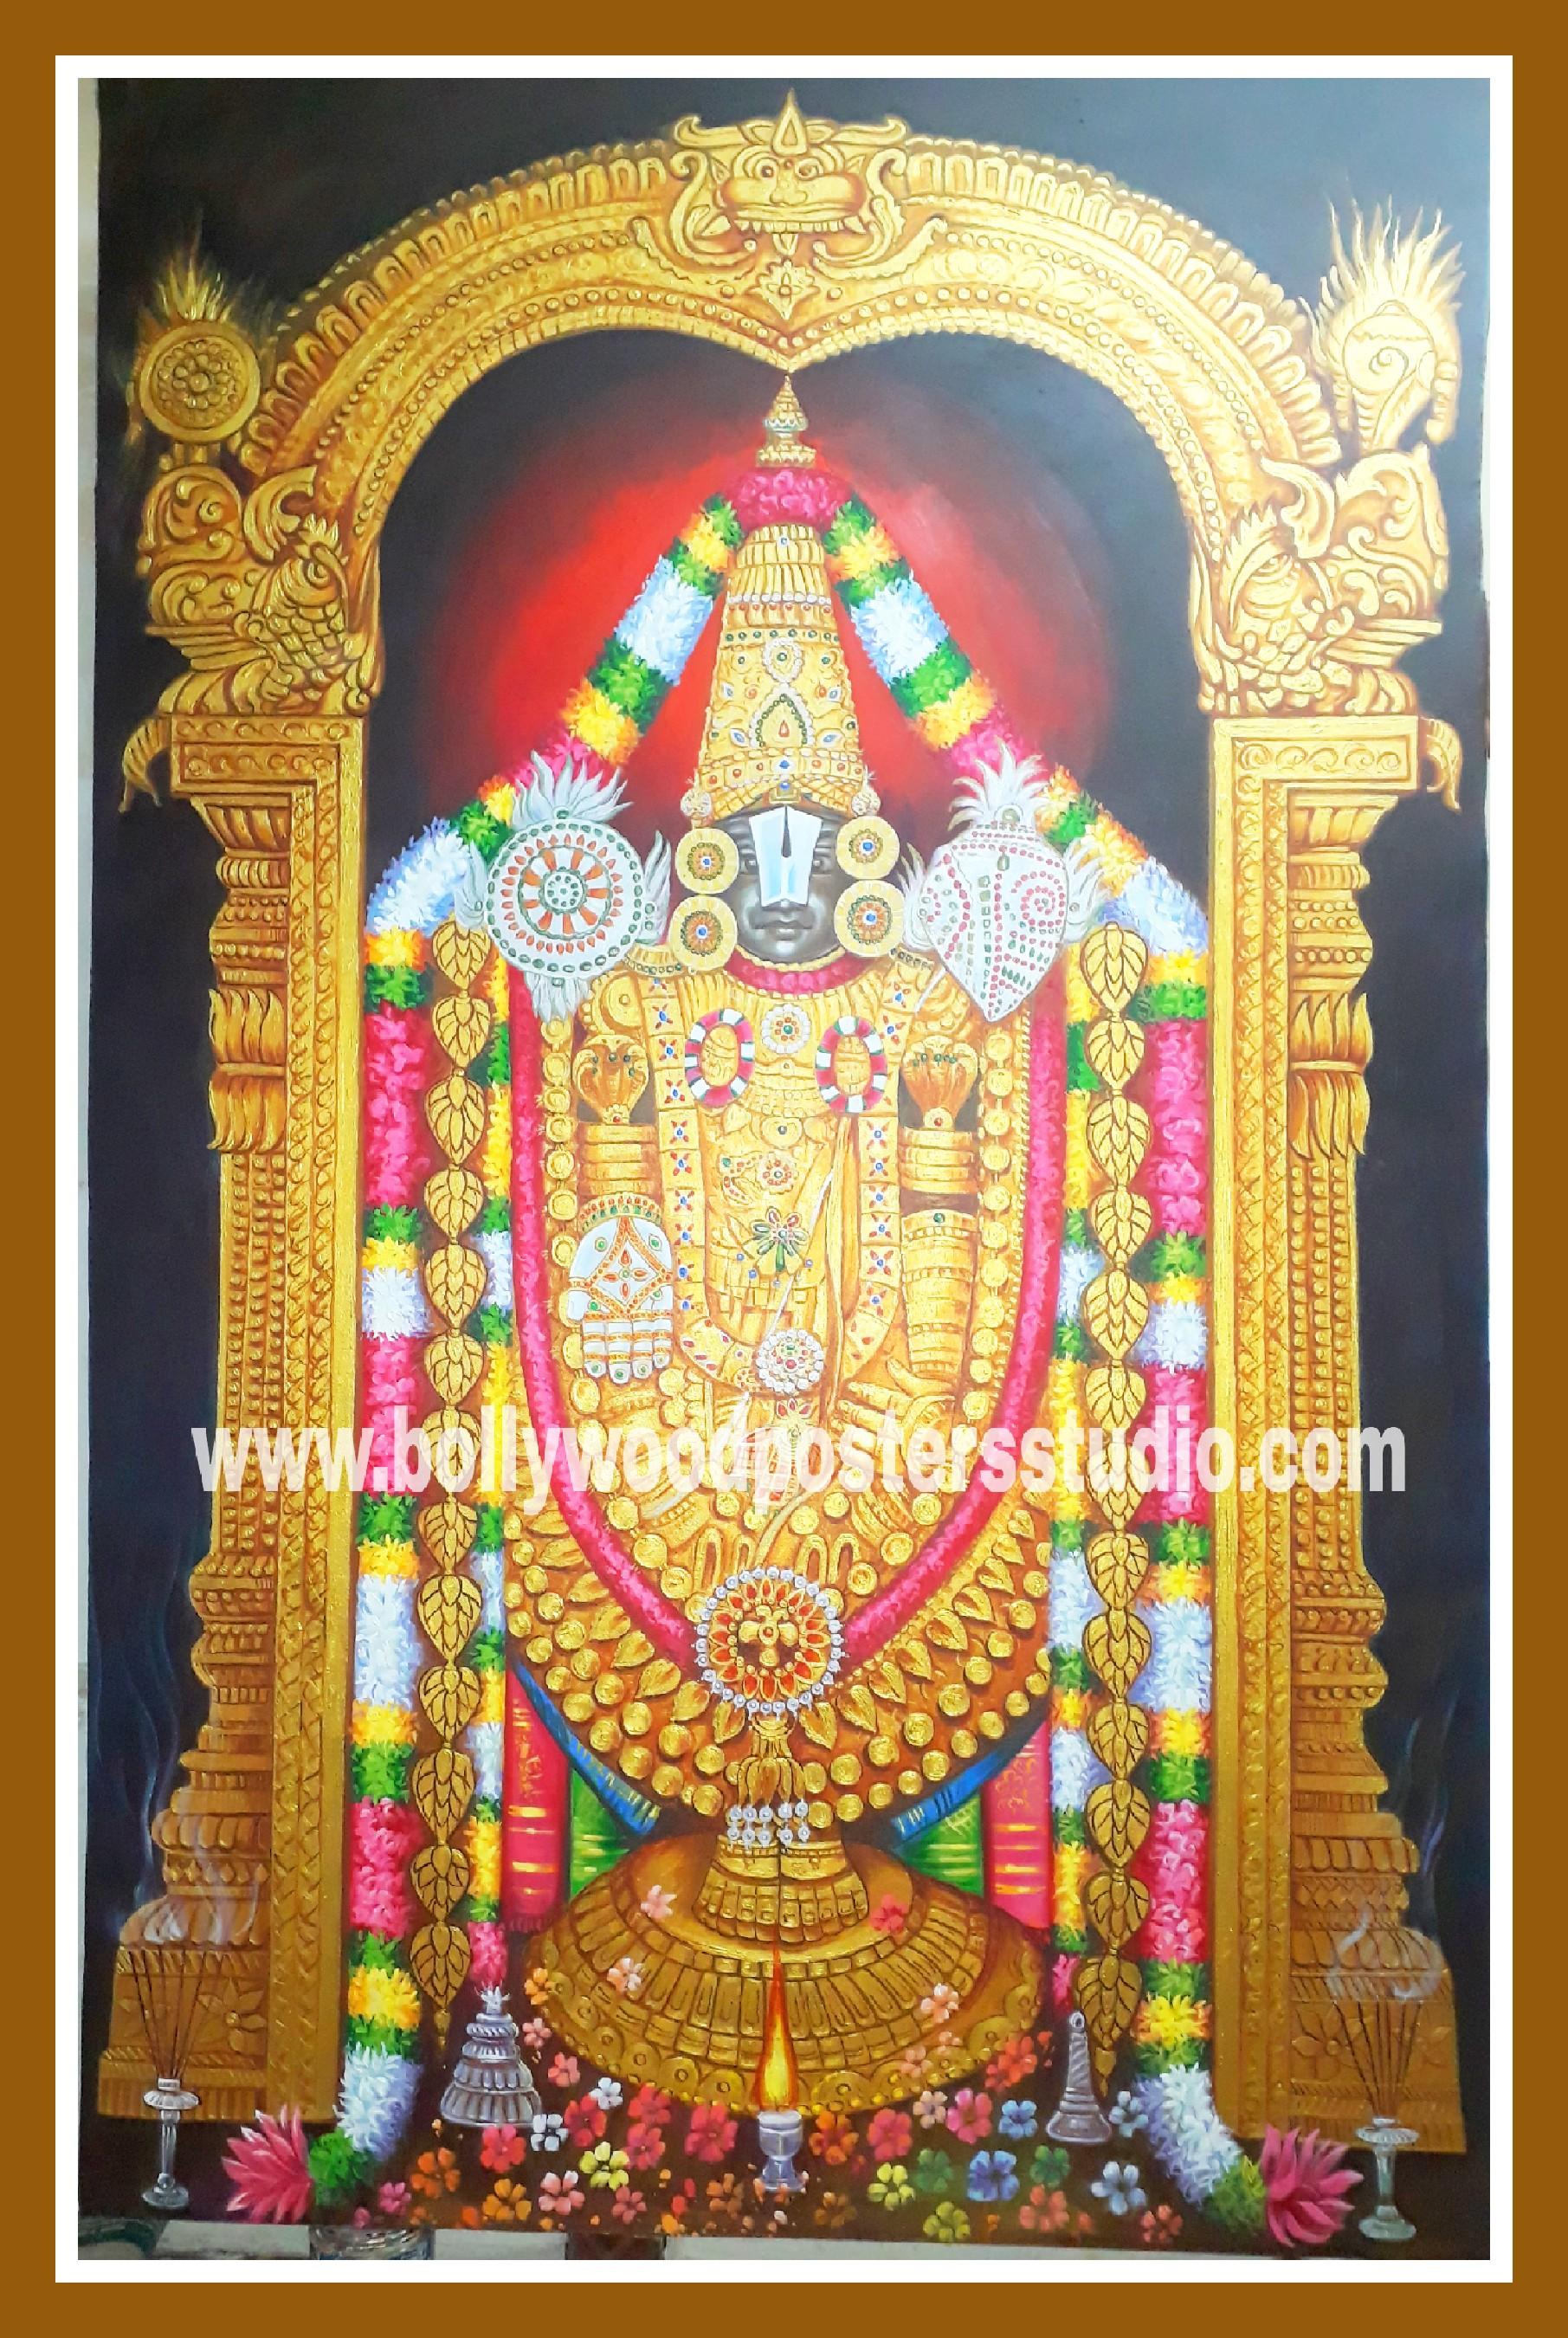 Hindu gods oil paintings - Tirupati balaji